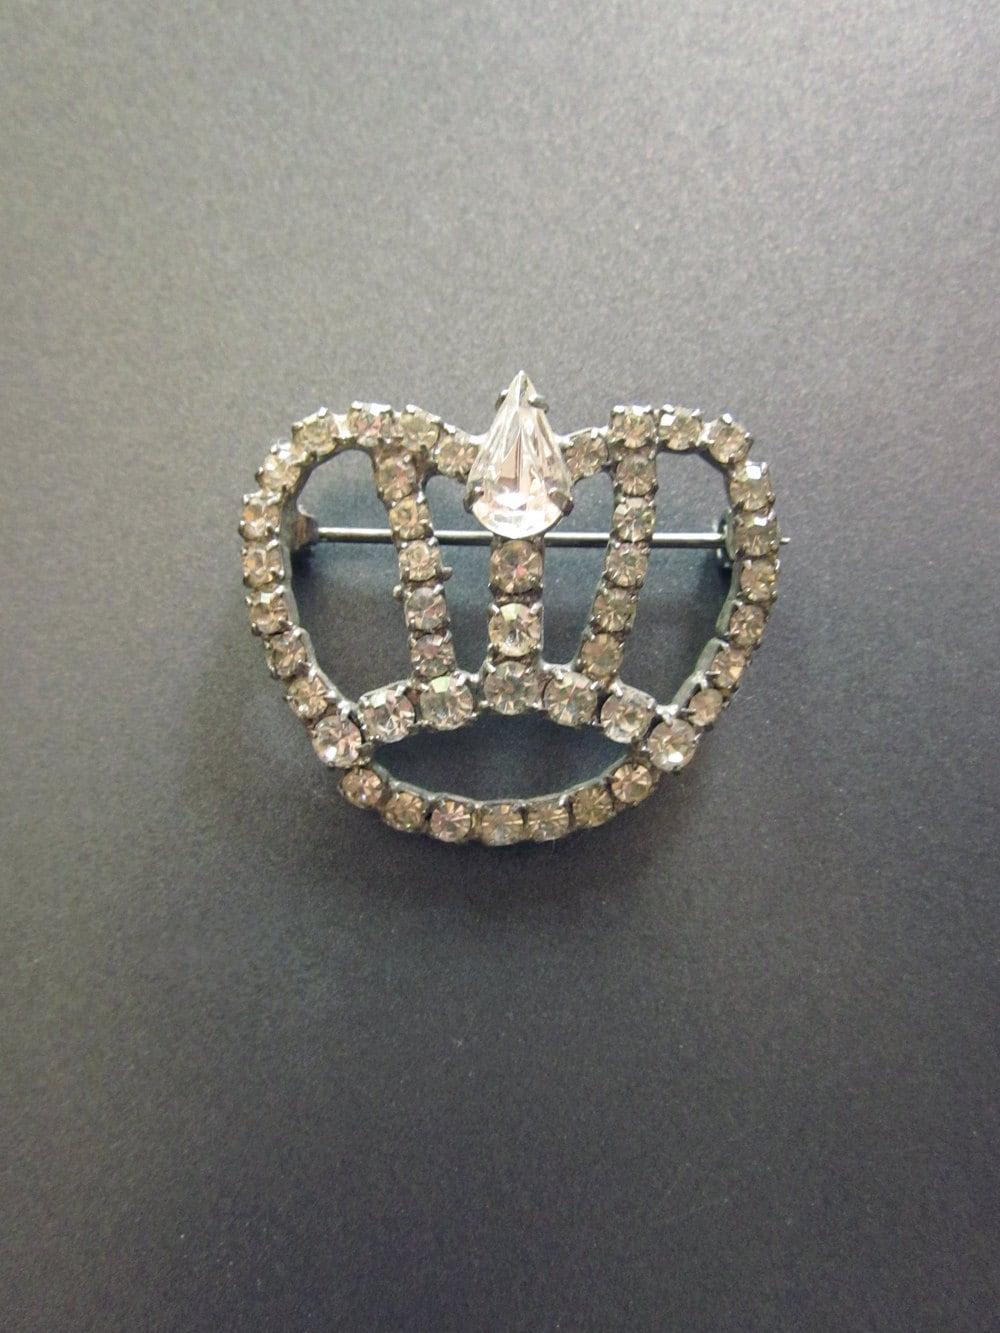 Vintage Rhinestone Crown Brooch - JeepersKeepers